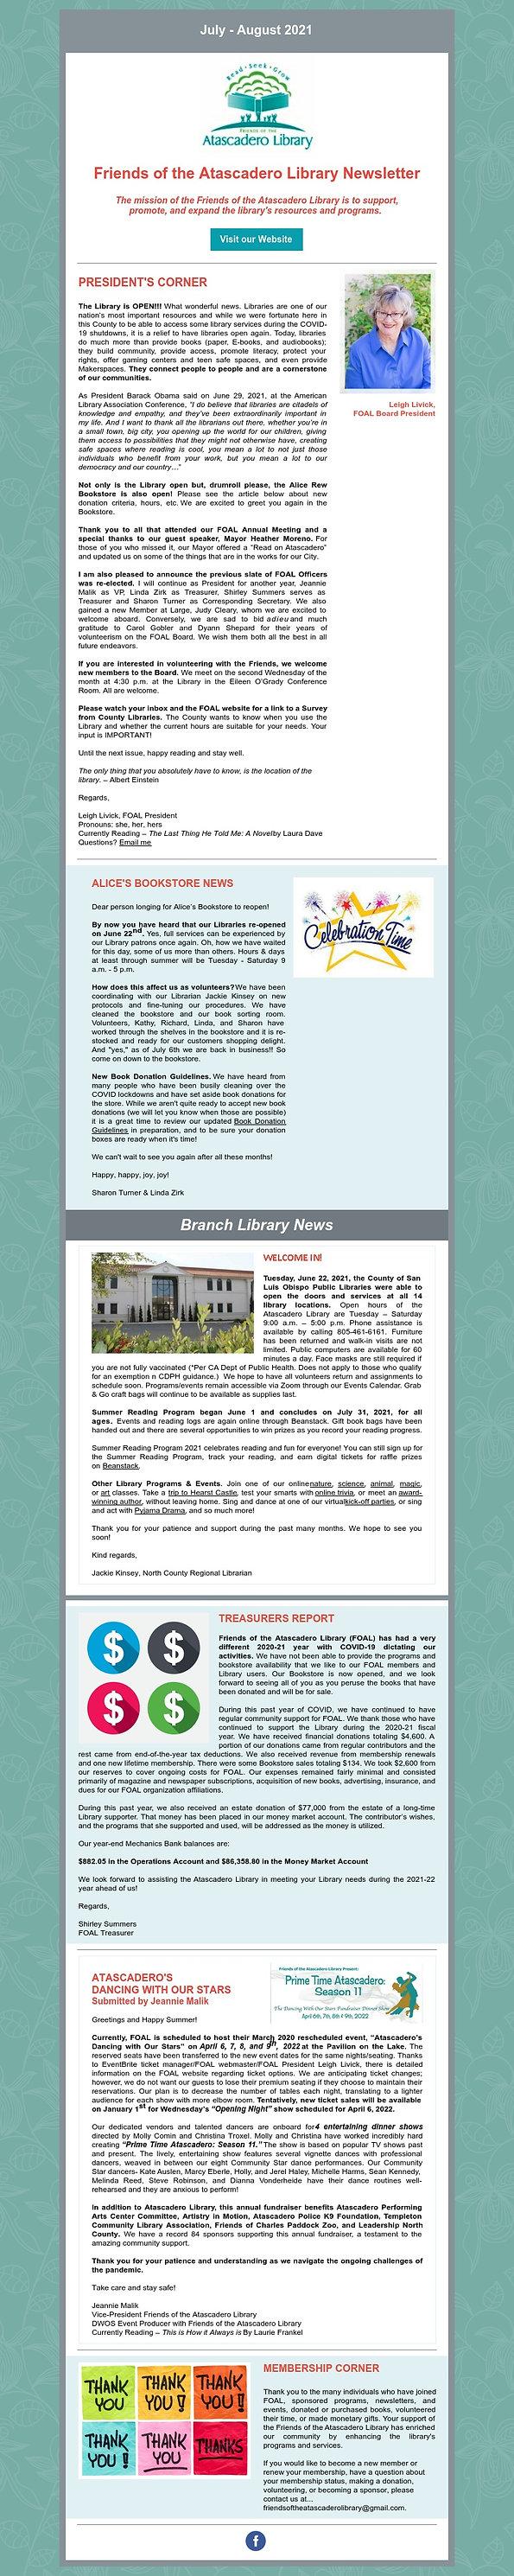 FOAL Newsletter July-Aug 2021.jpg